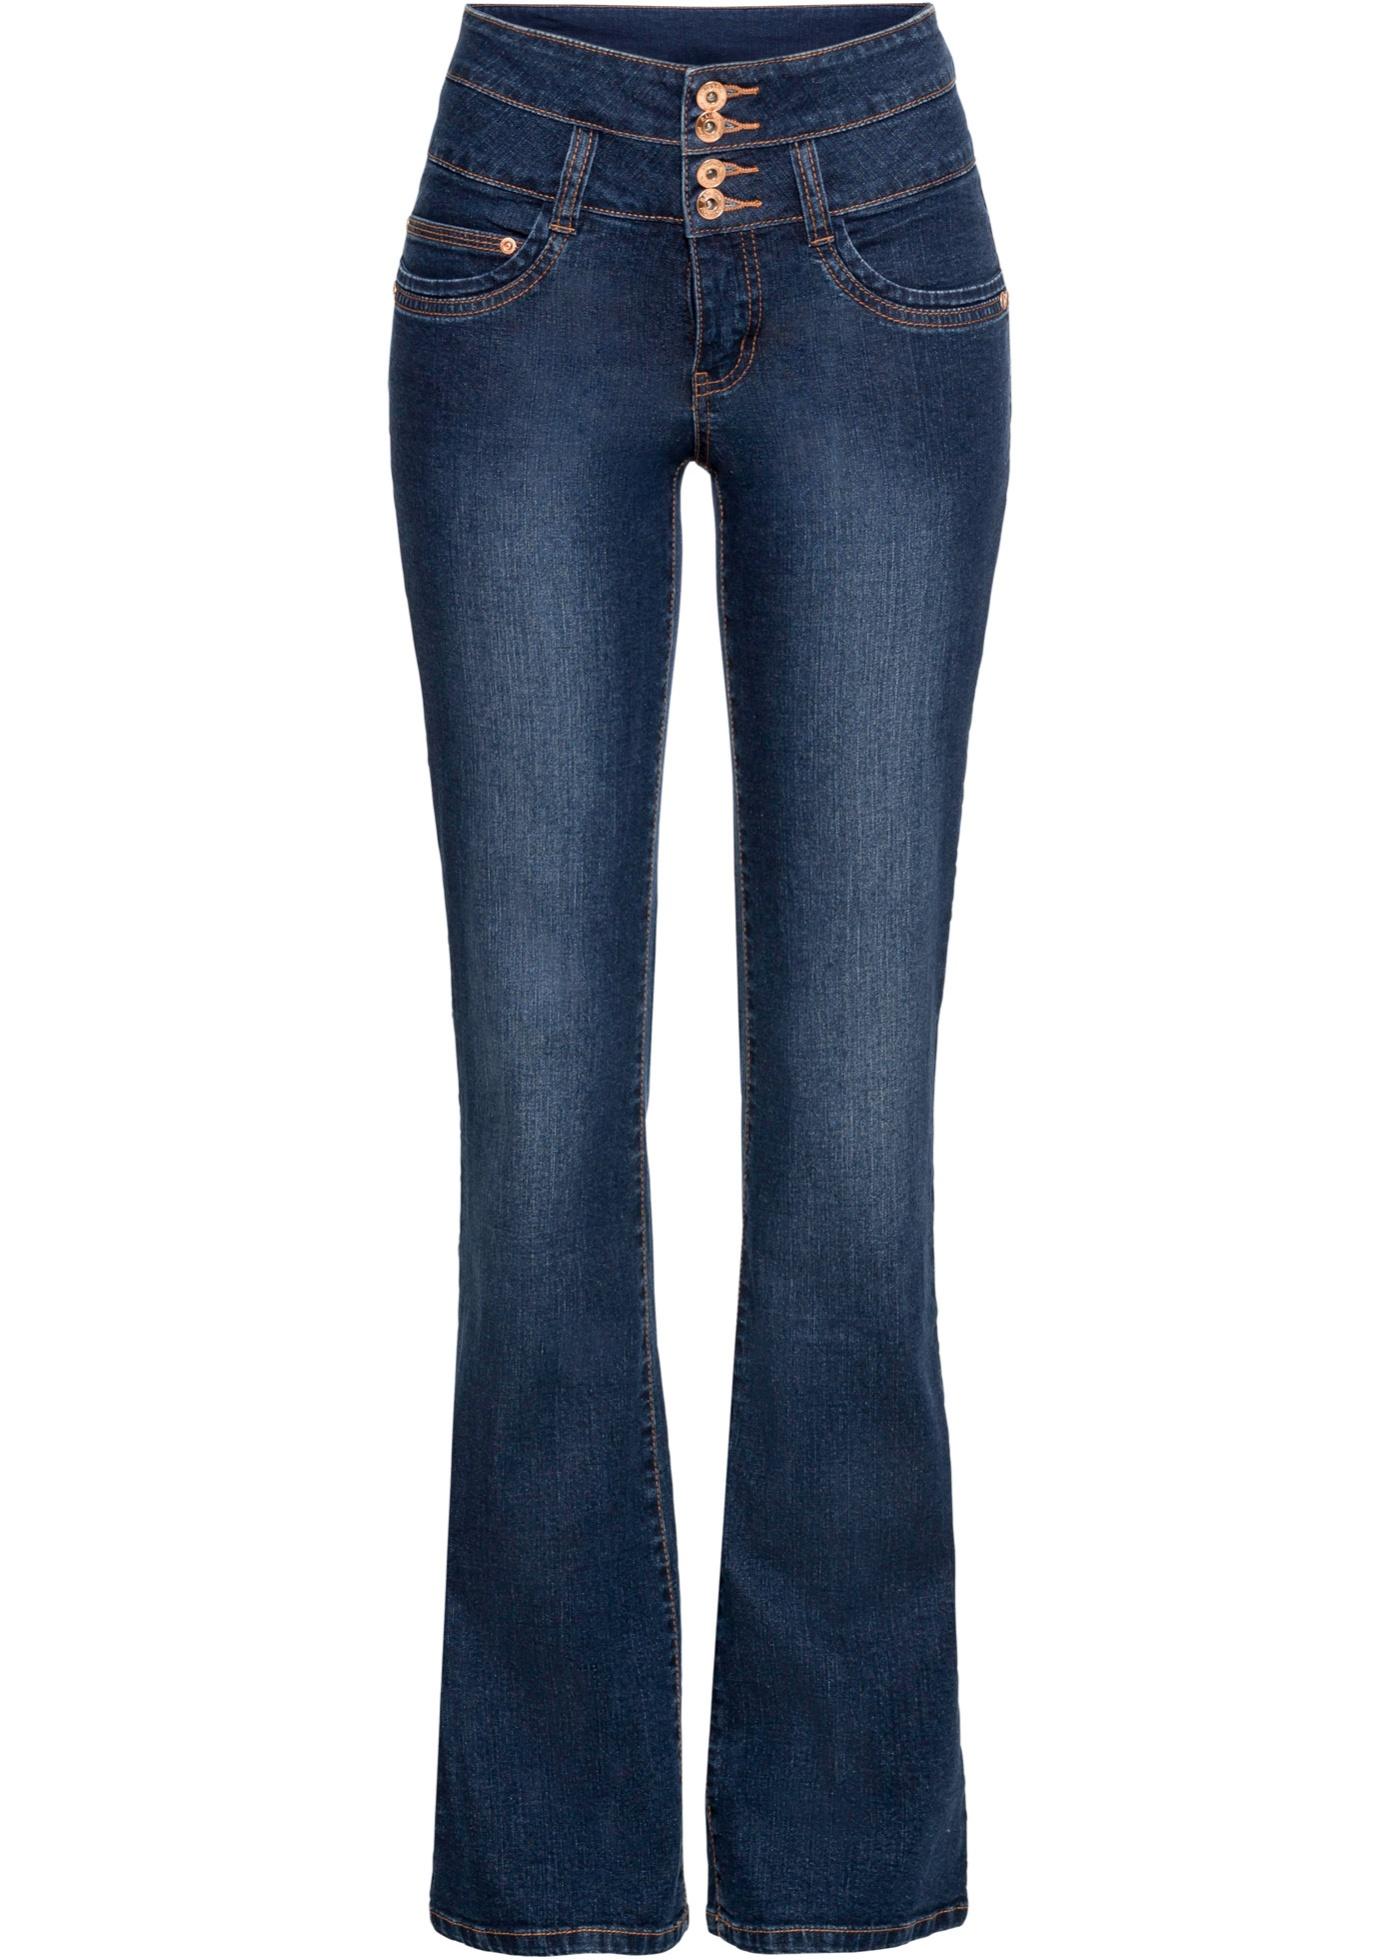 Bonprix - Bootcut-jeans med h??g midja 299.00